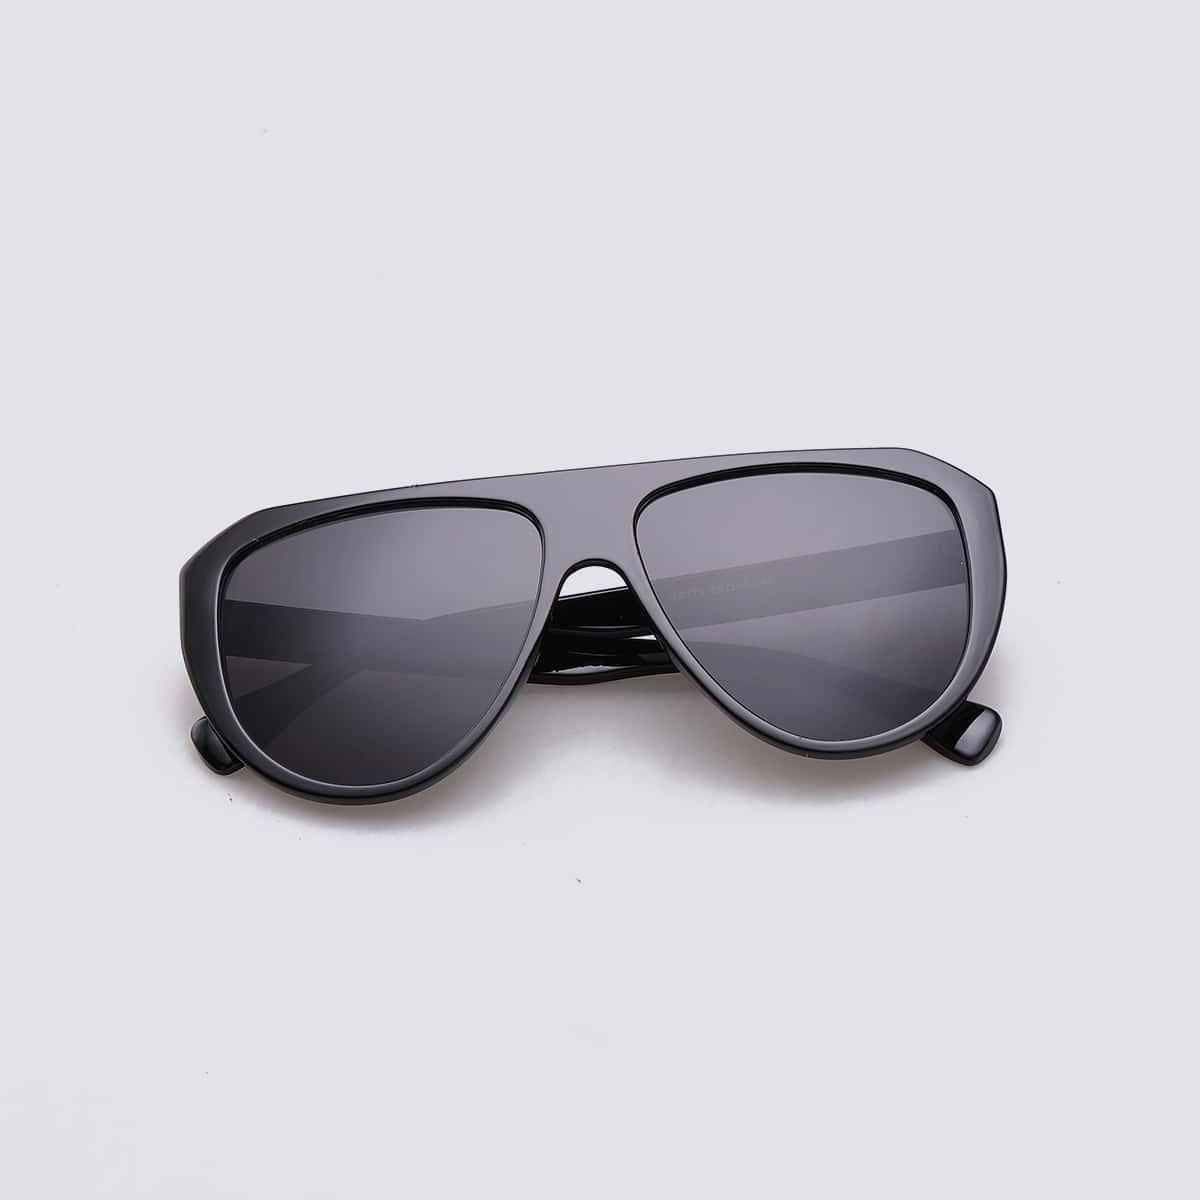 Мужские солнечные очки с плоским верхом фото